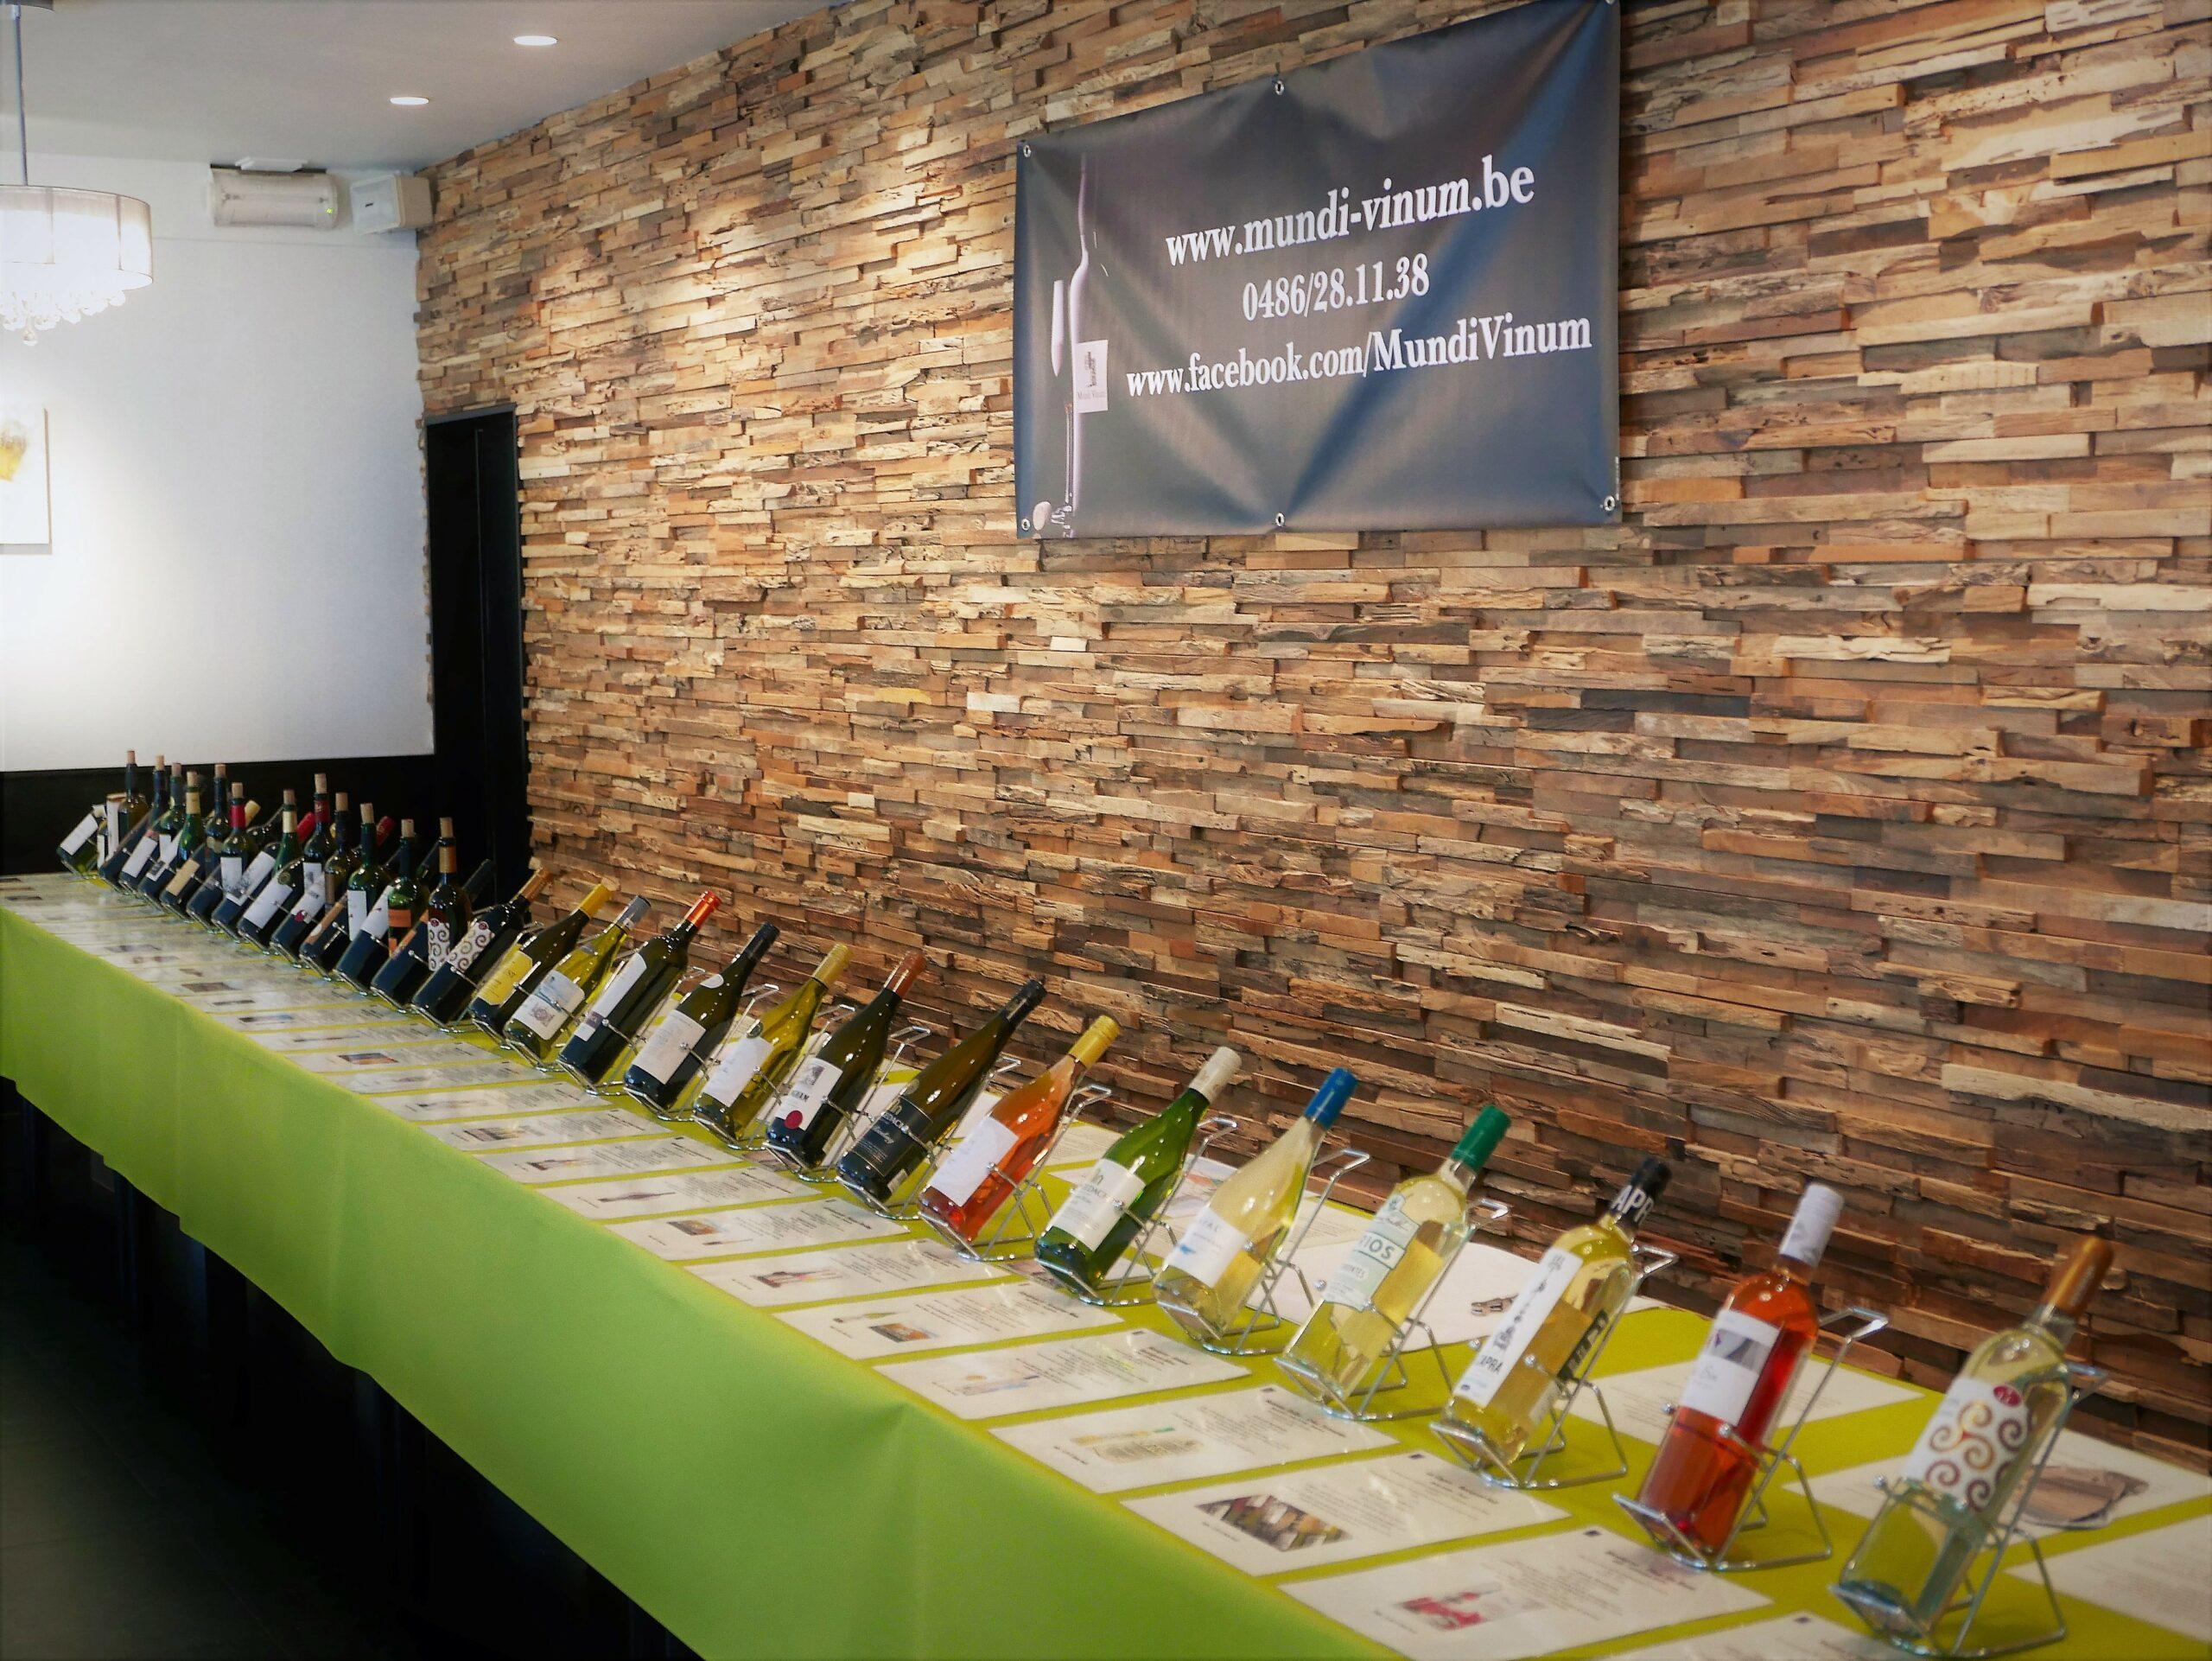 wijnhandel in de buurt van leuven